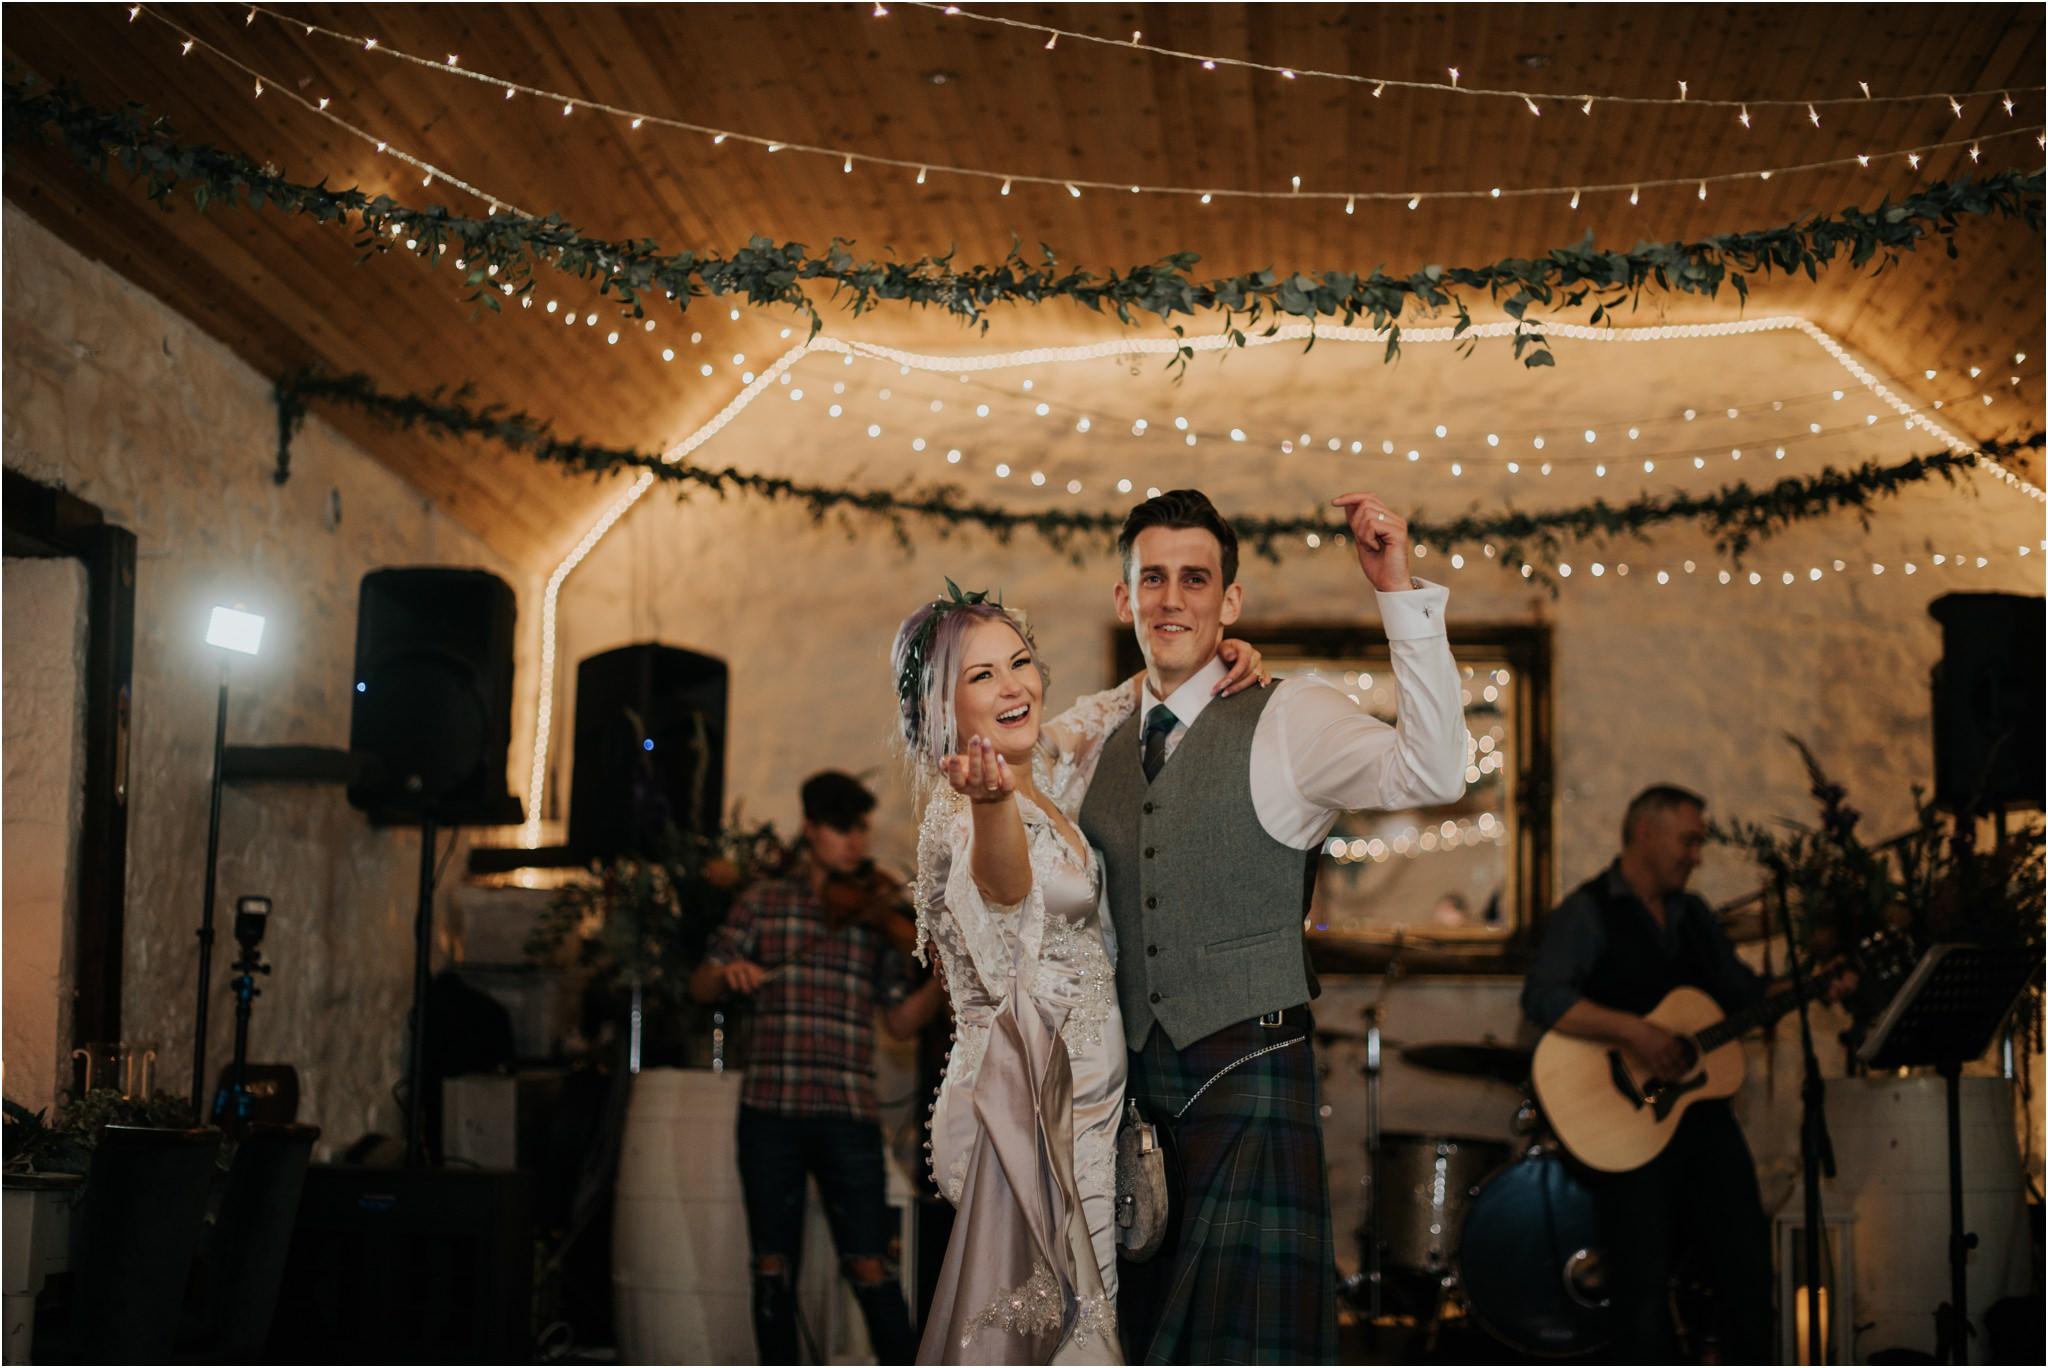 Photography 78 - Glasgow Wedding Photographer - Pete & Eilidh - Dalduff Farm_0103.jpg